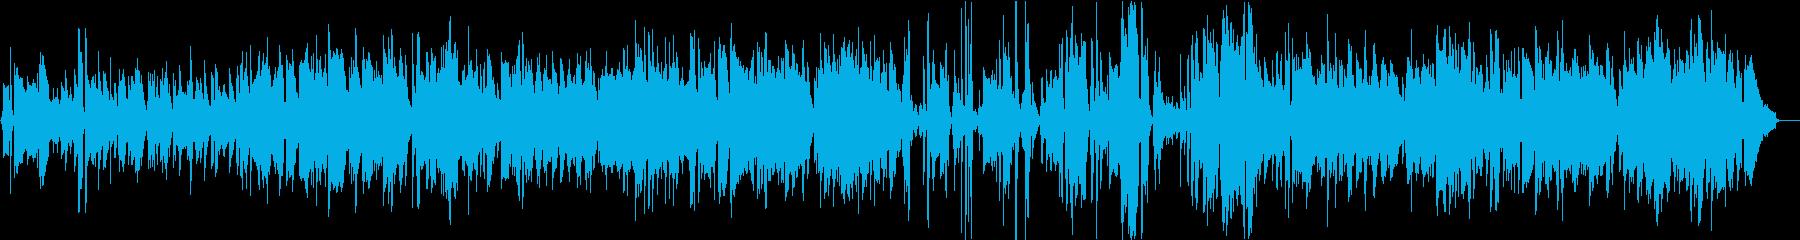 リラックスできるジャズワルツの再生済みの波形